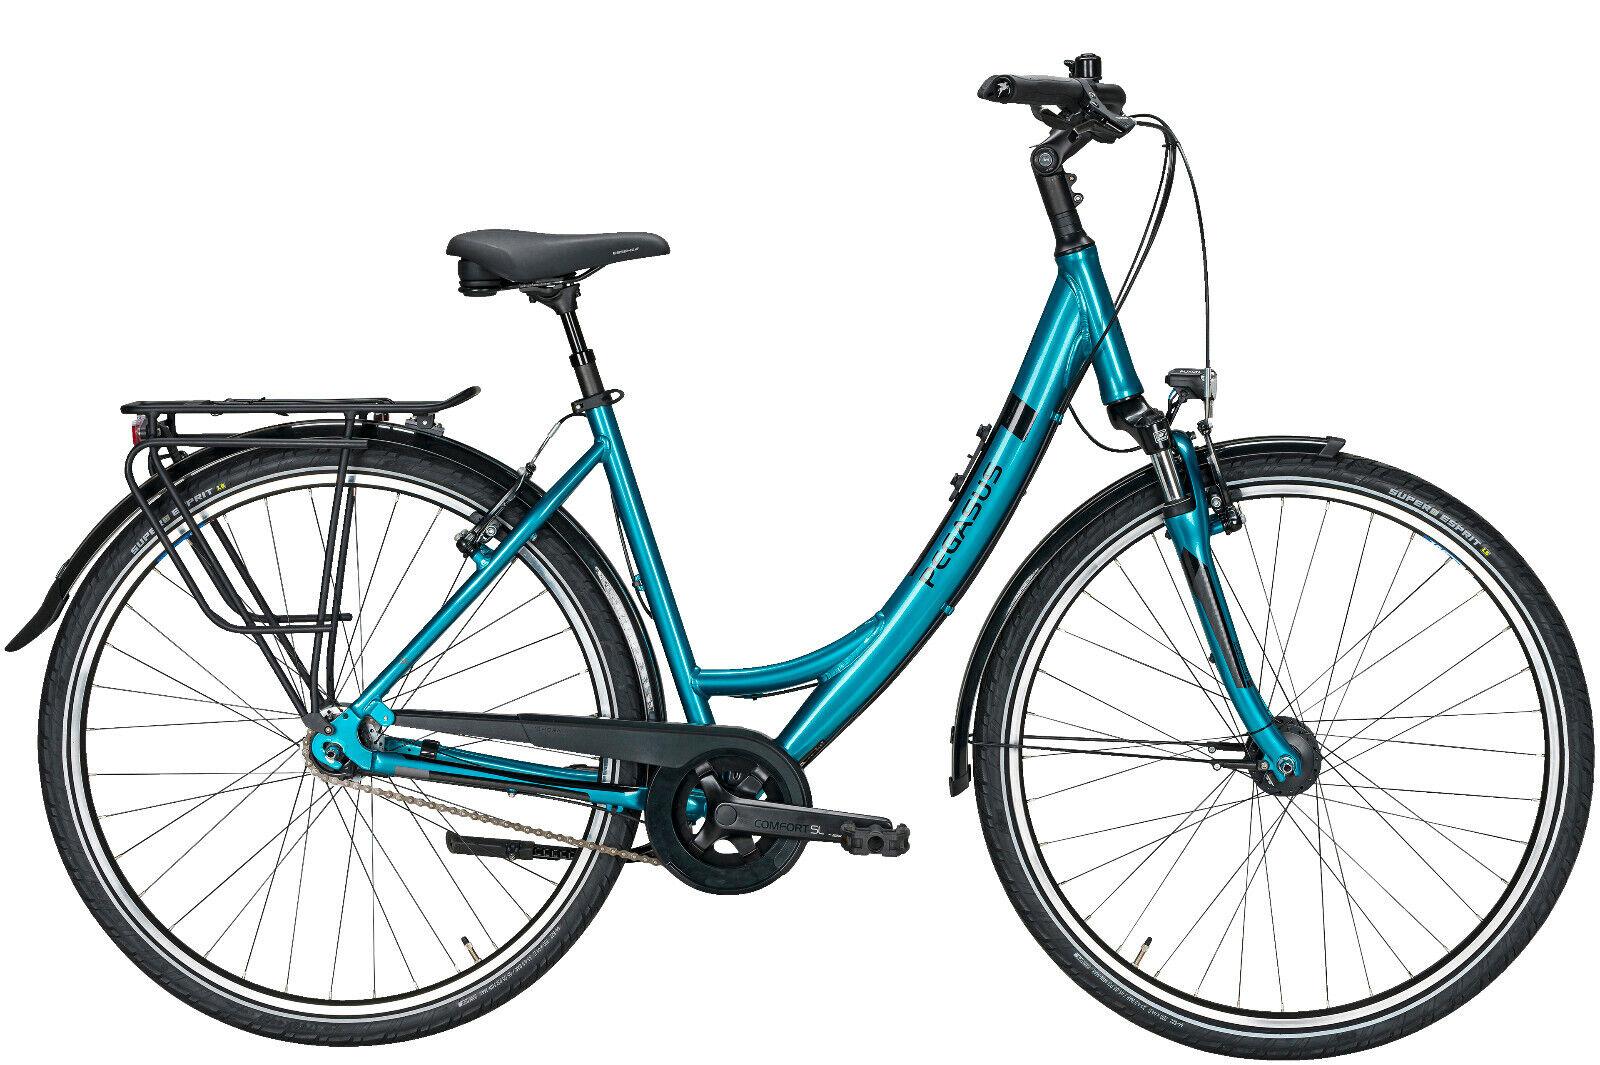 PEGASUS SAVONA SL 28 Zoll Trekking Fahrrad Damenrad Shimano Nabendynamo 2020